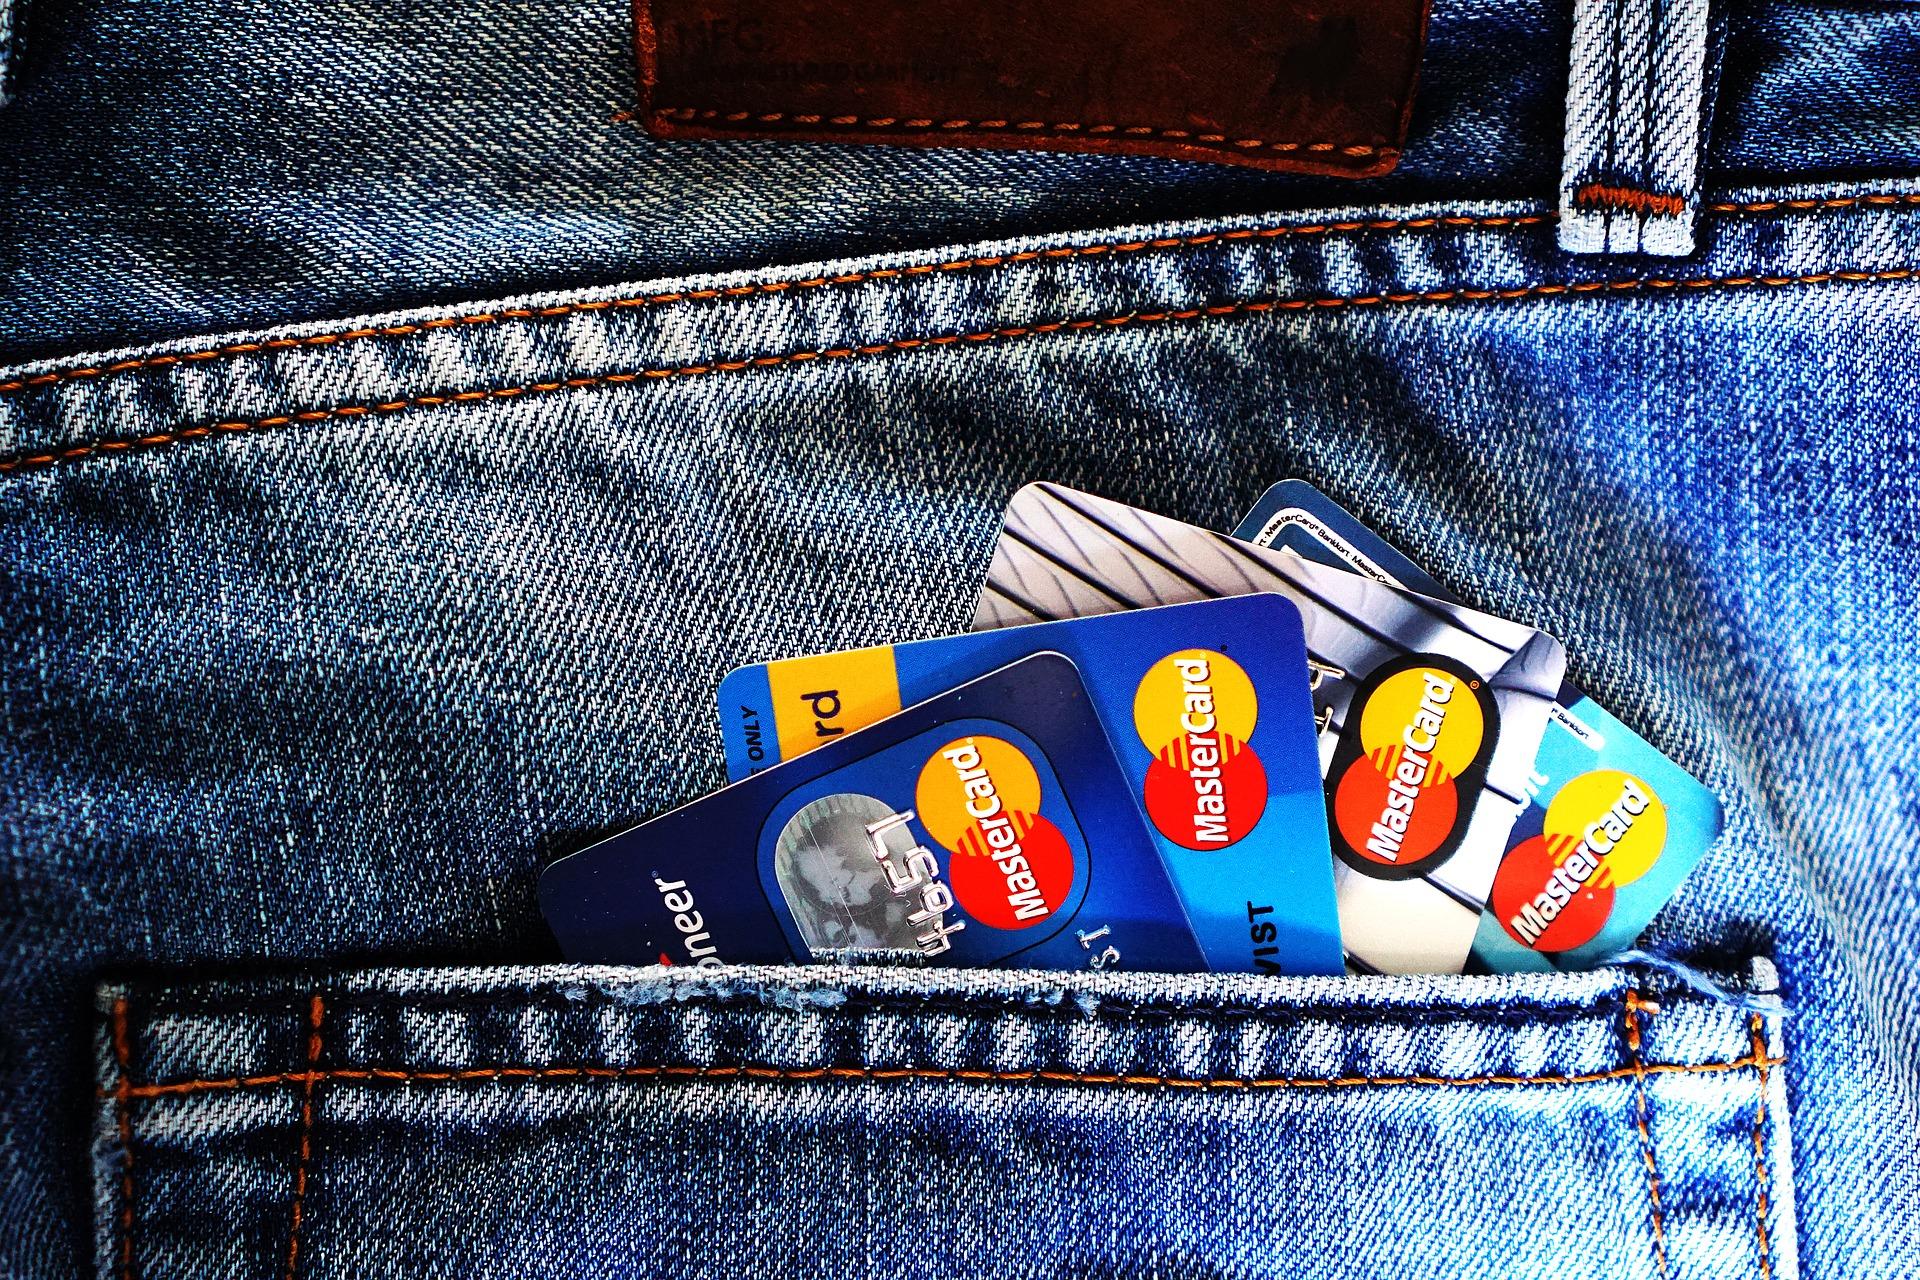 Tarjetas revolving – Tarjetas de Crédito – Préstamos de Consumo: cuidado con esto